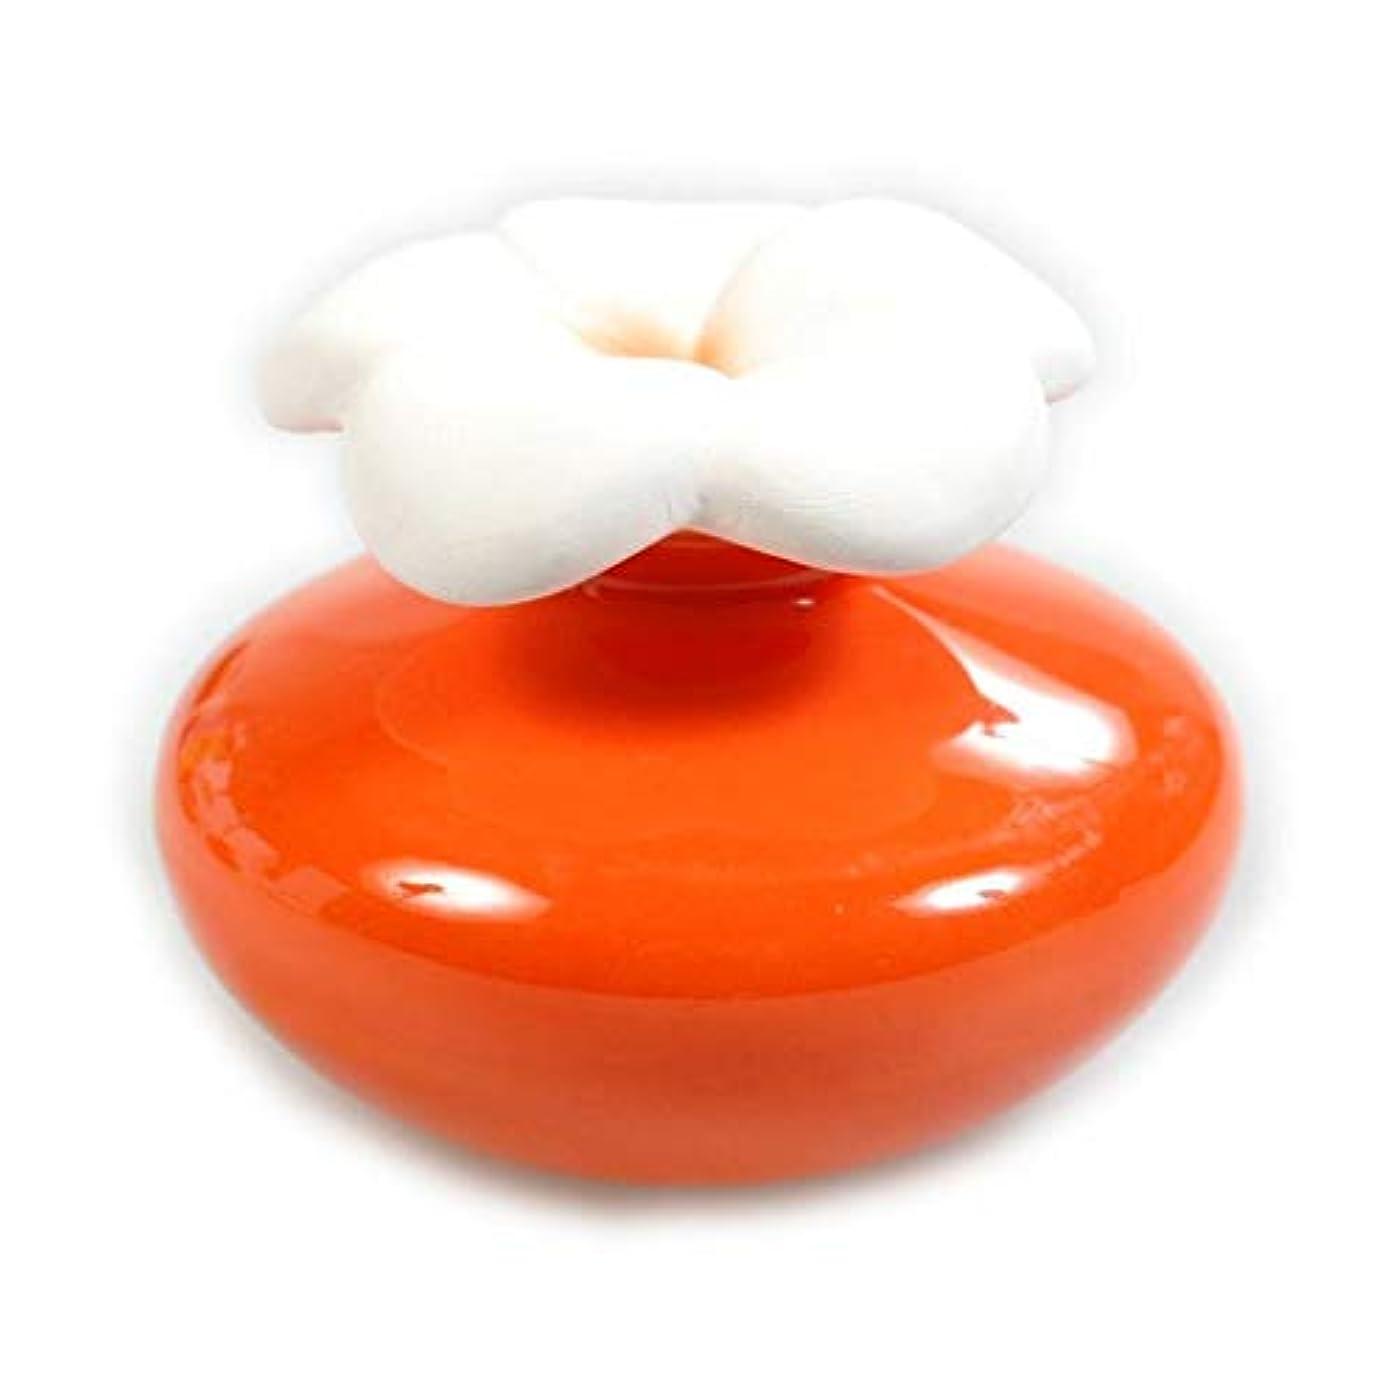 センター古代思春期のMillefiori FIORE ルームフレグランス用 花の形のセラミックディフューザー Sサイズ オレンジ LDIF-FS-004